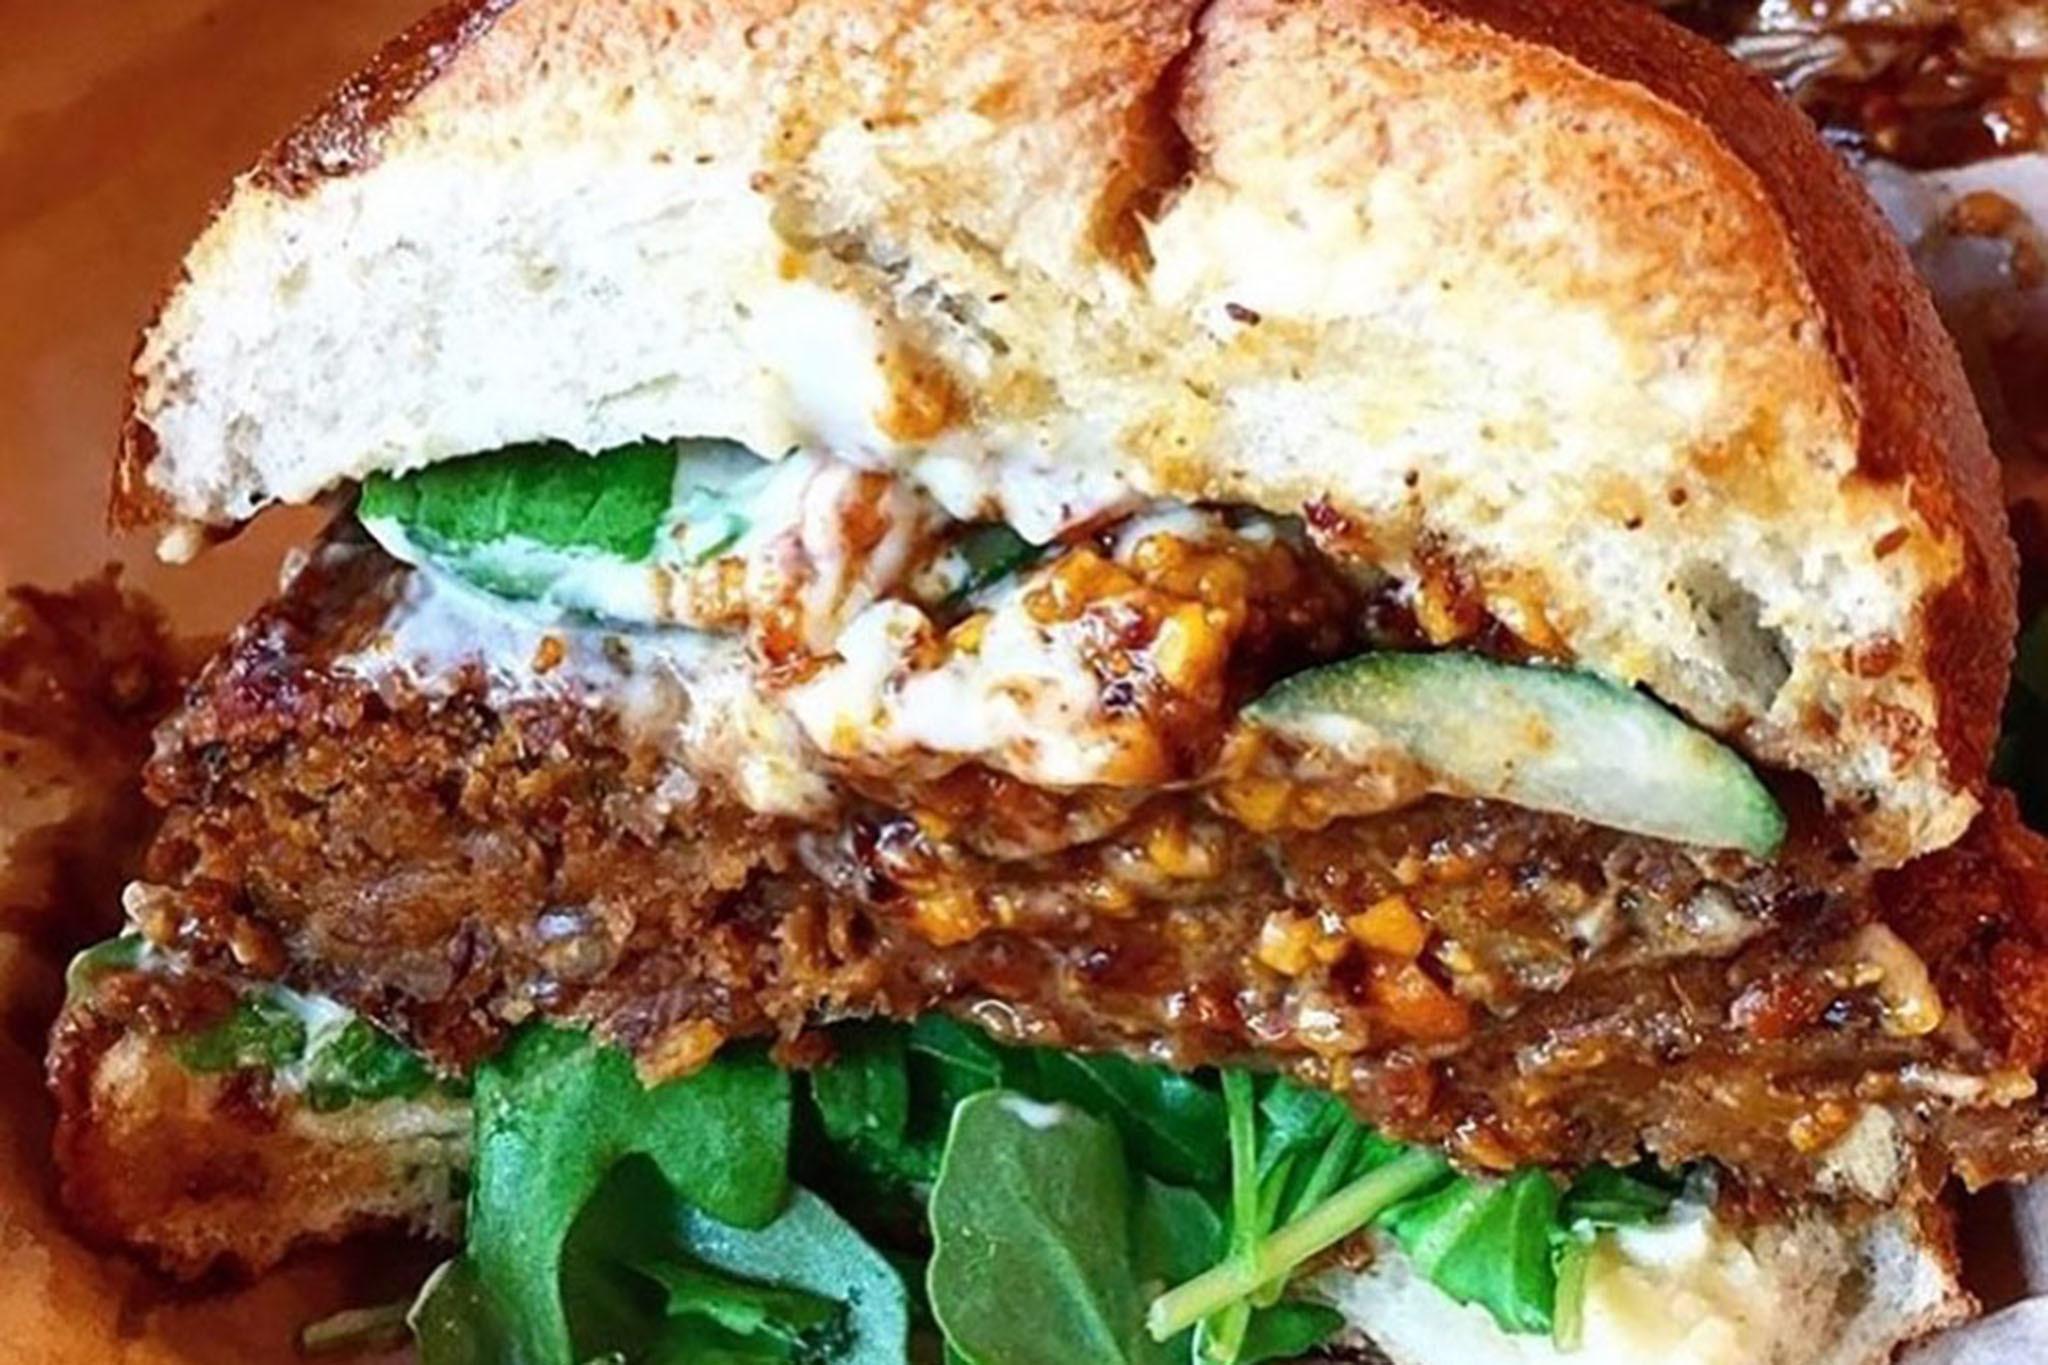 Tamarind plum glazed lentil burger at the CinnamonSnail